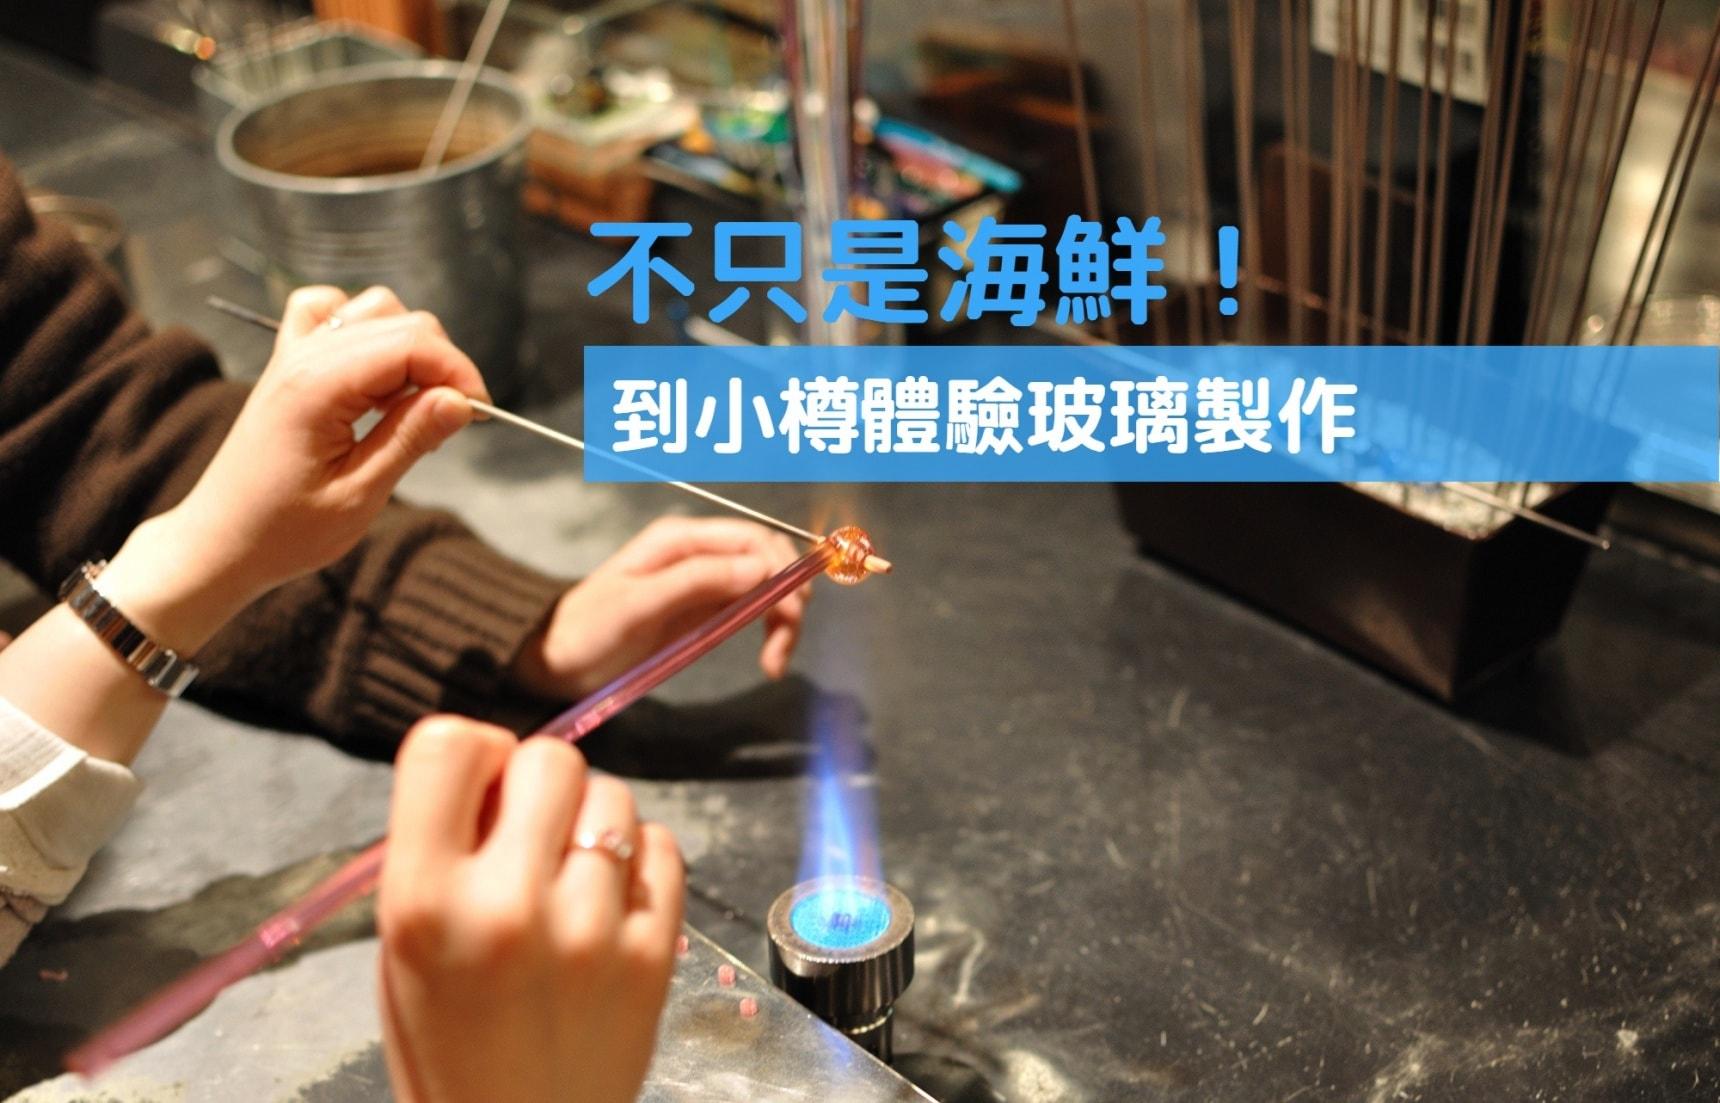 【北海道自由行】不只是海鮮!小樽玻璃製作體驗店推薦